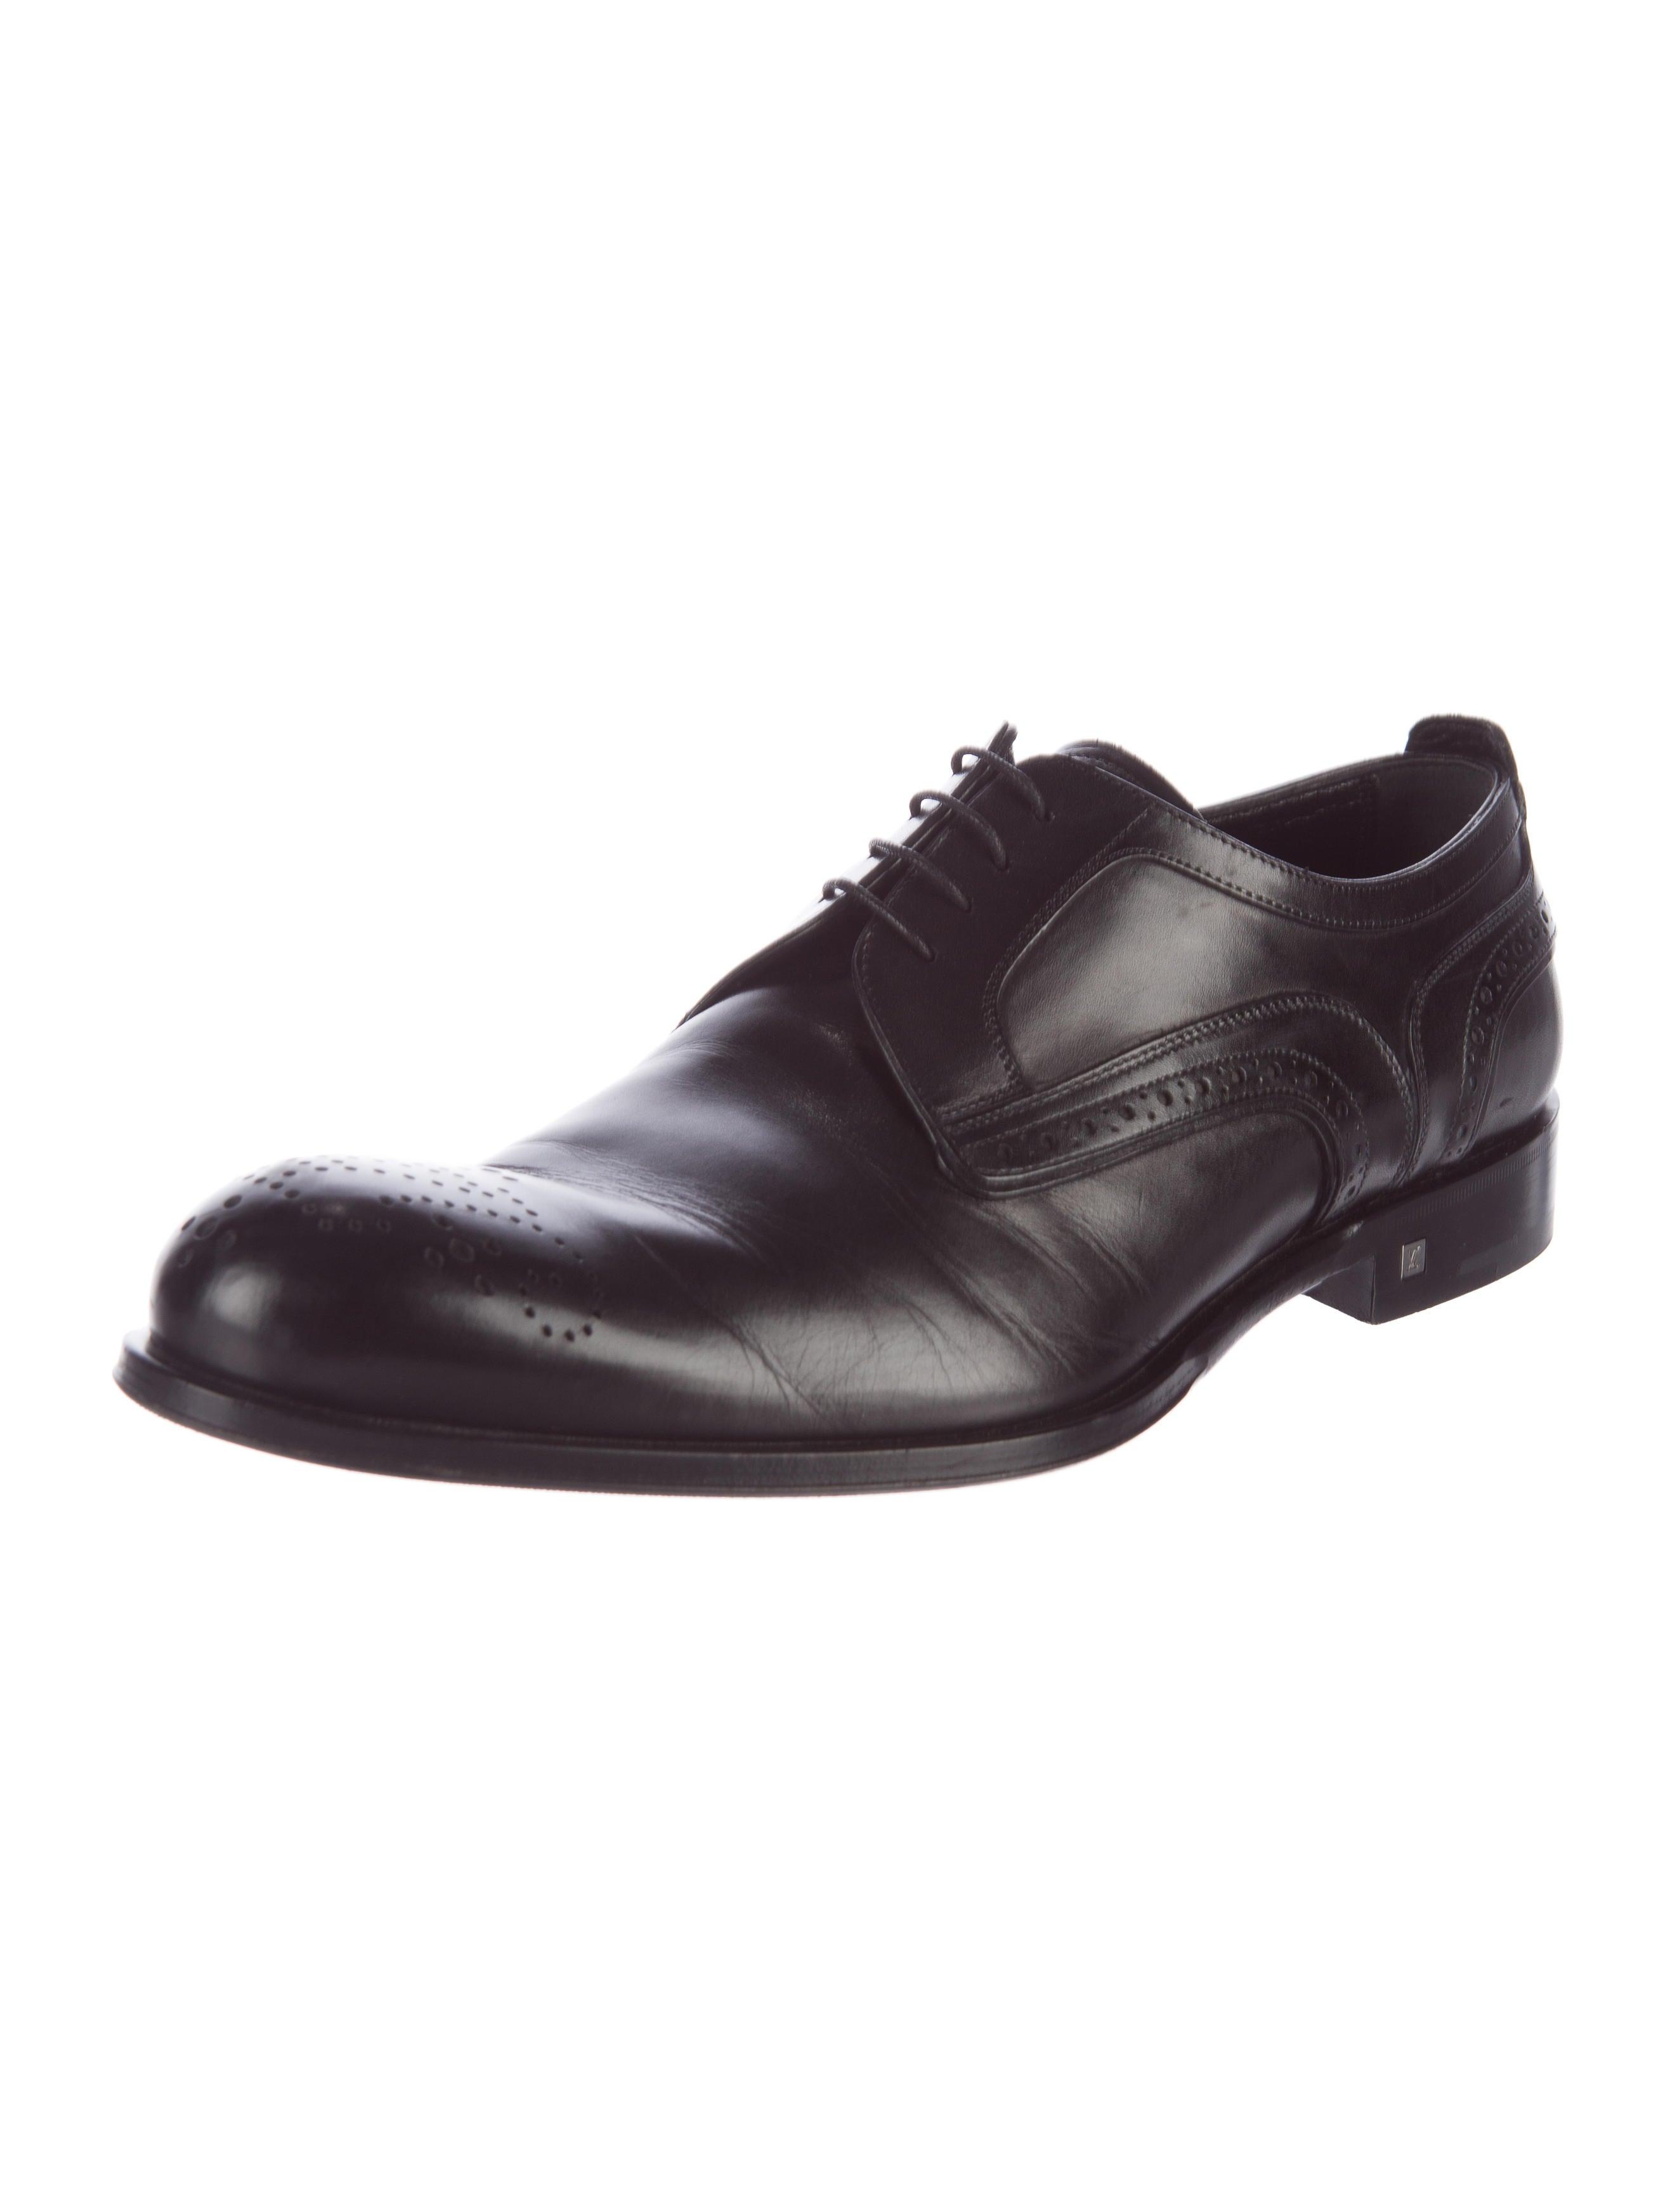 louis vuitton leather dress brogues shoes lou106961